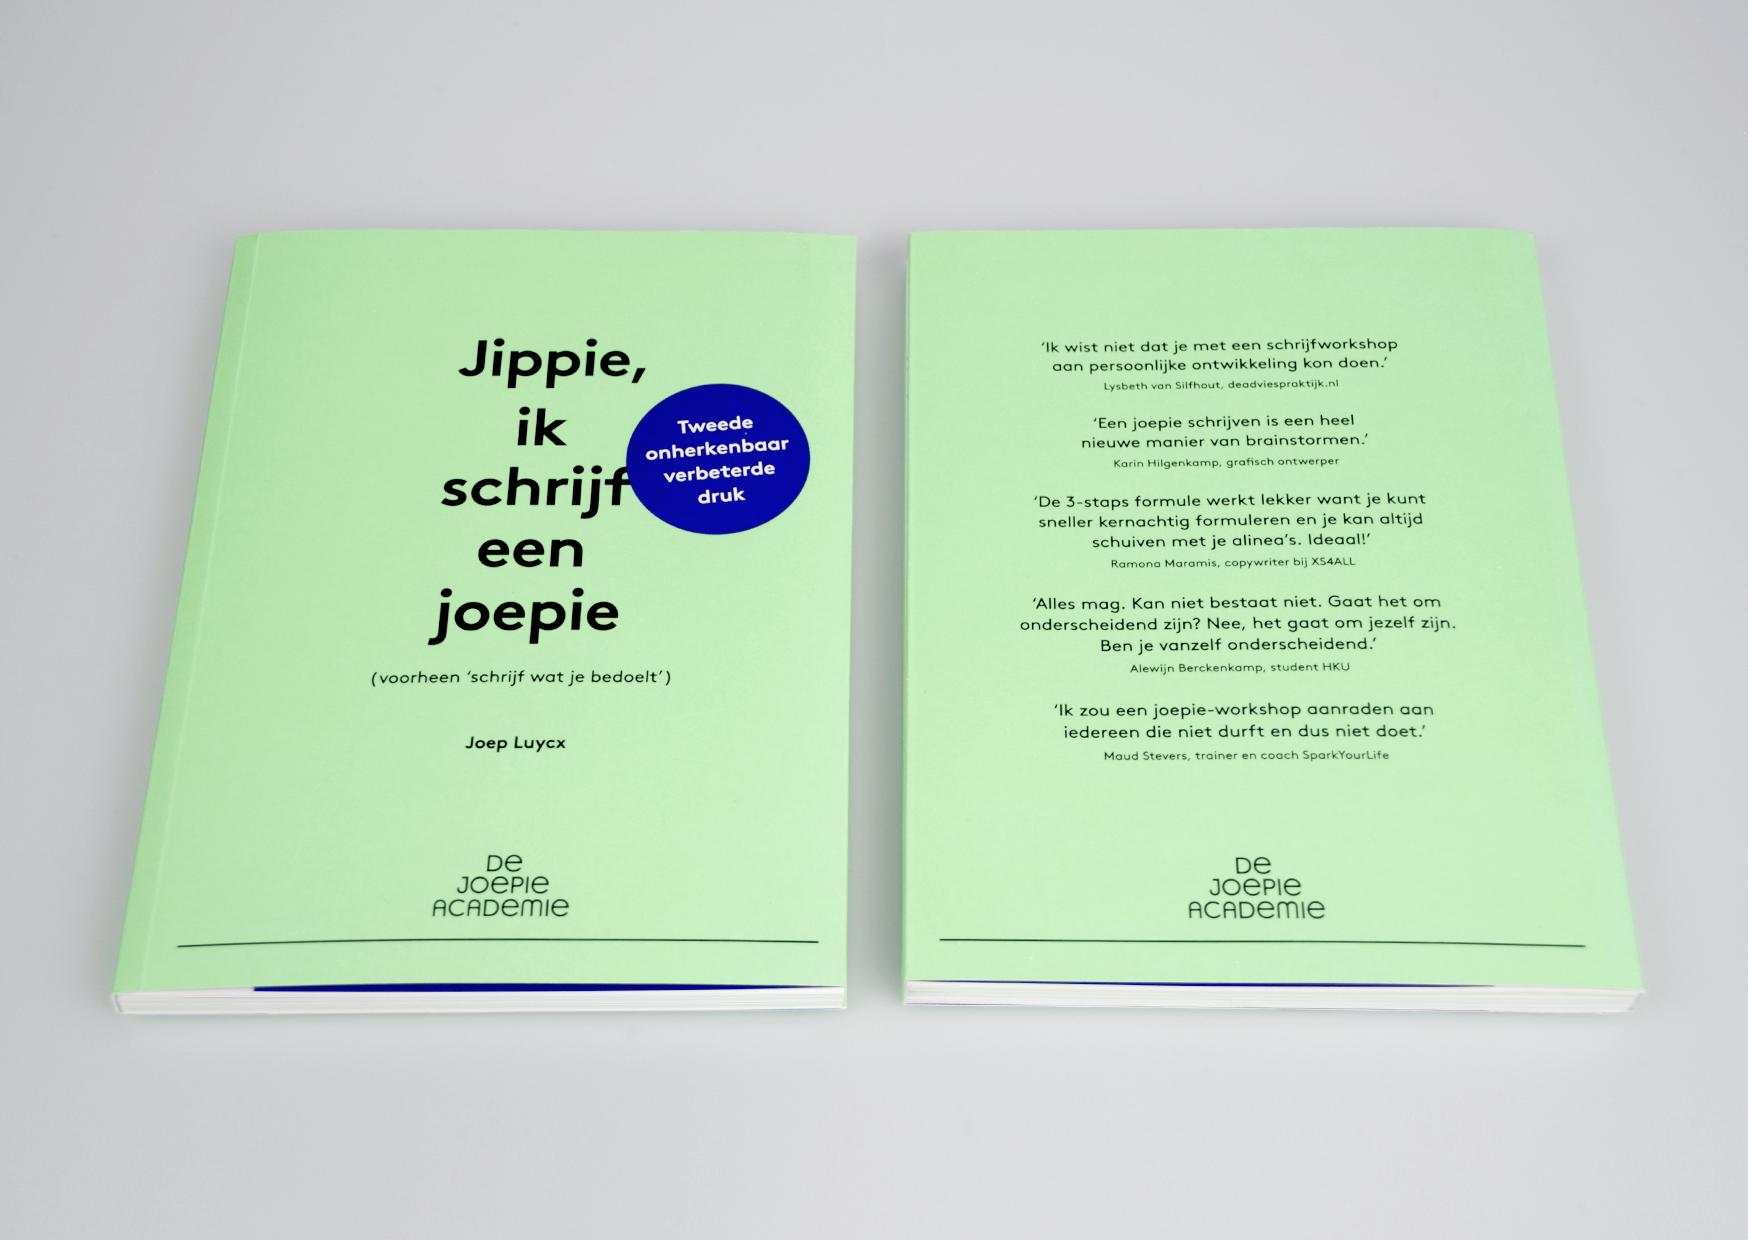 Jippie, ik schrijf een joepie, de joepie academie, studio enkelvoud